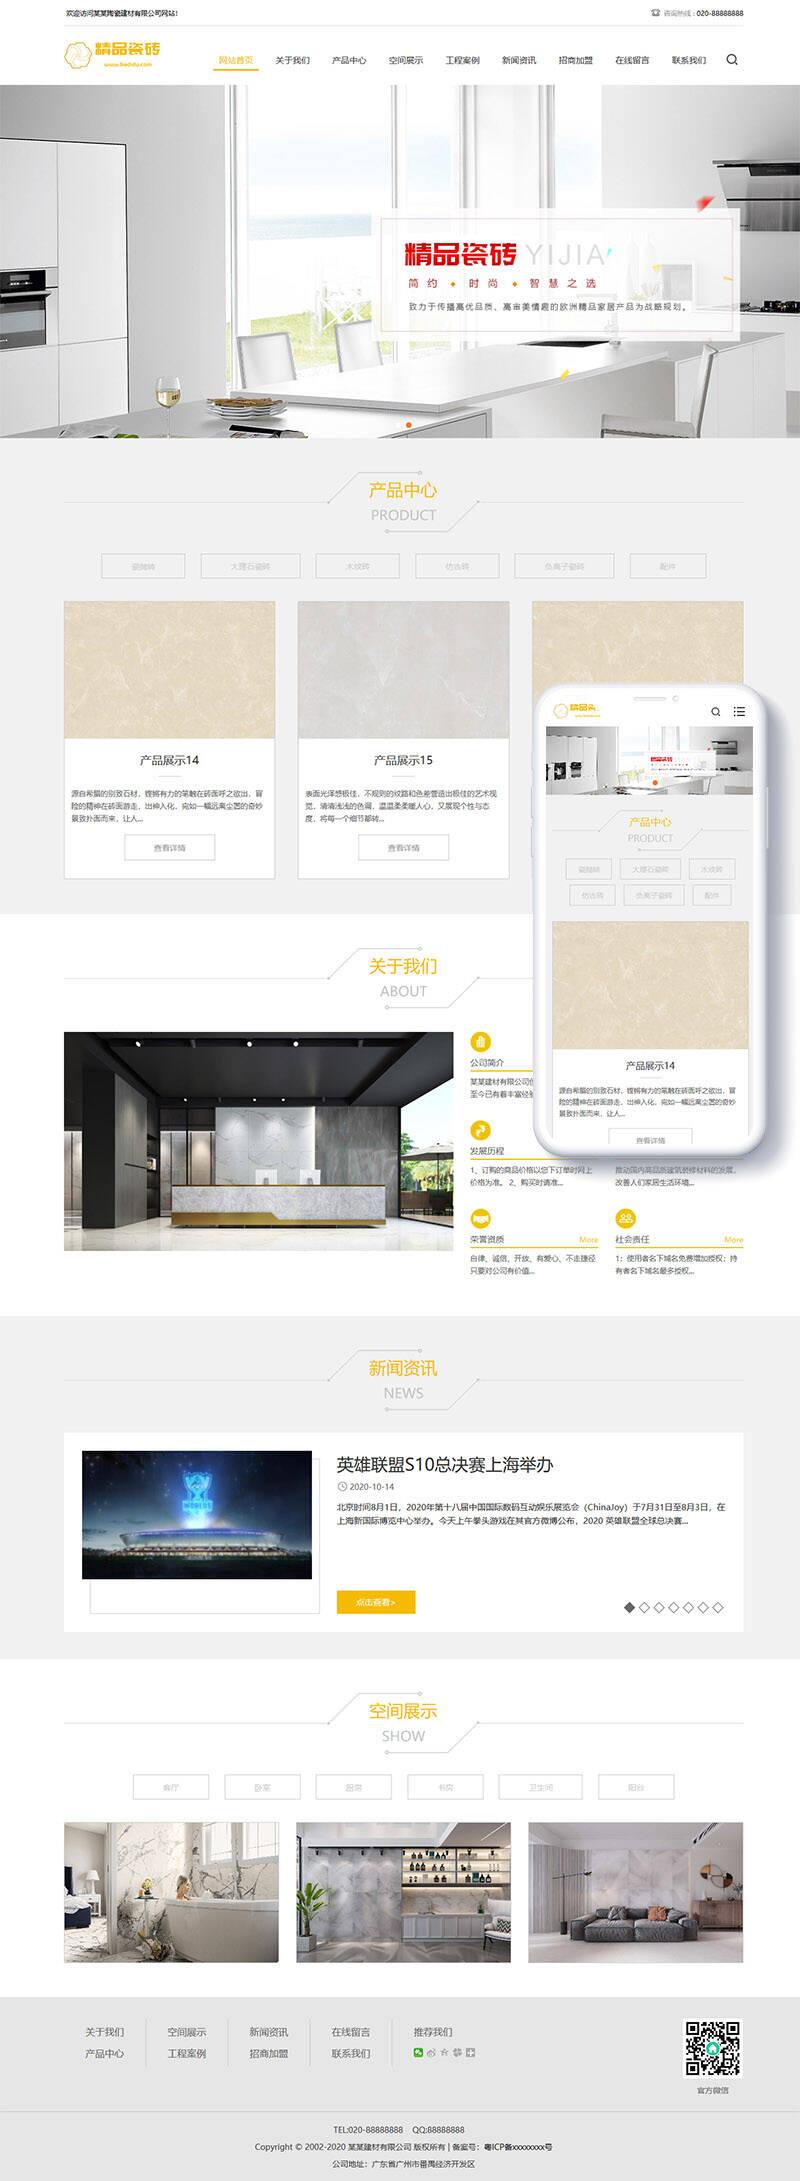 爱搬网_织梦响应式瓷砖大理石建材类网站织梦模板(自适应手机端)插图